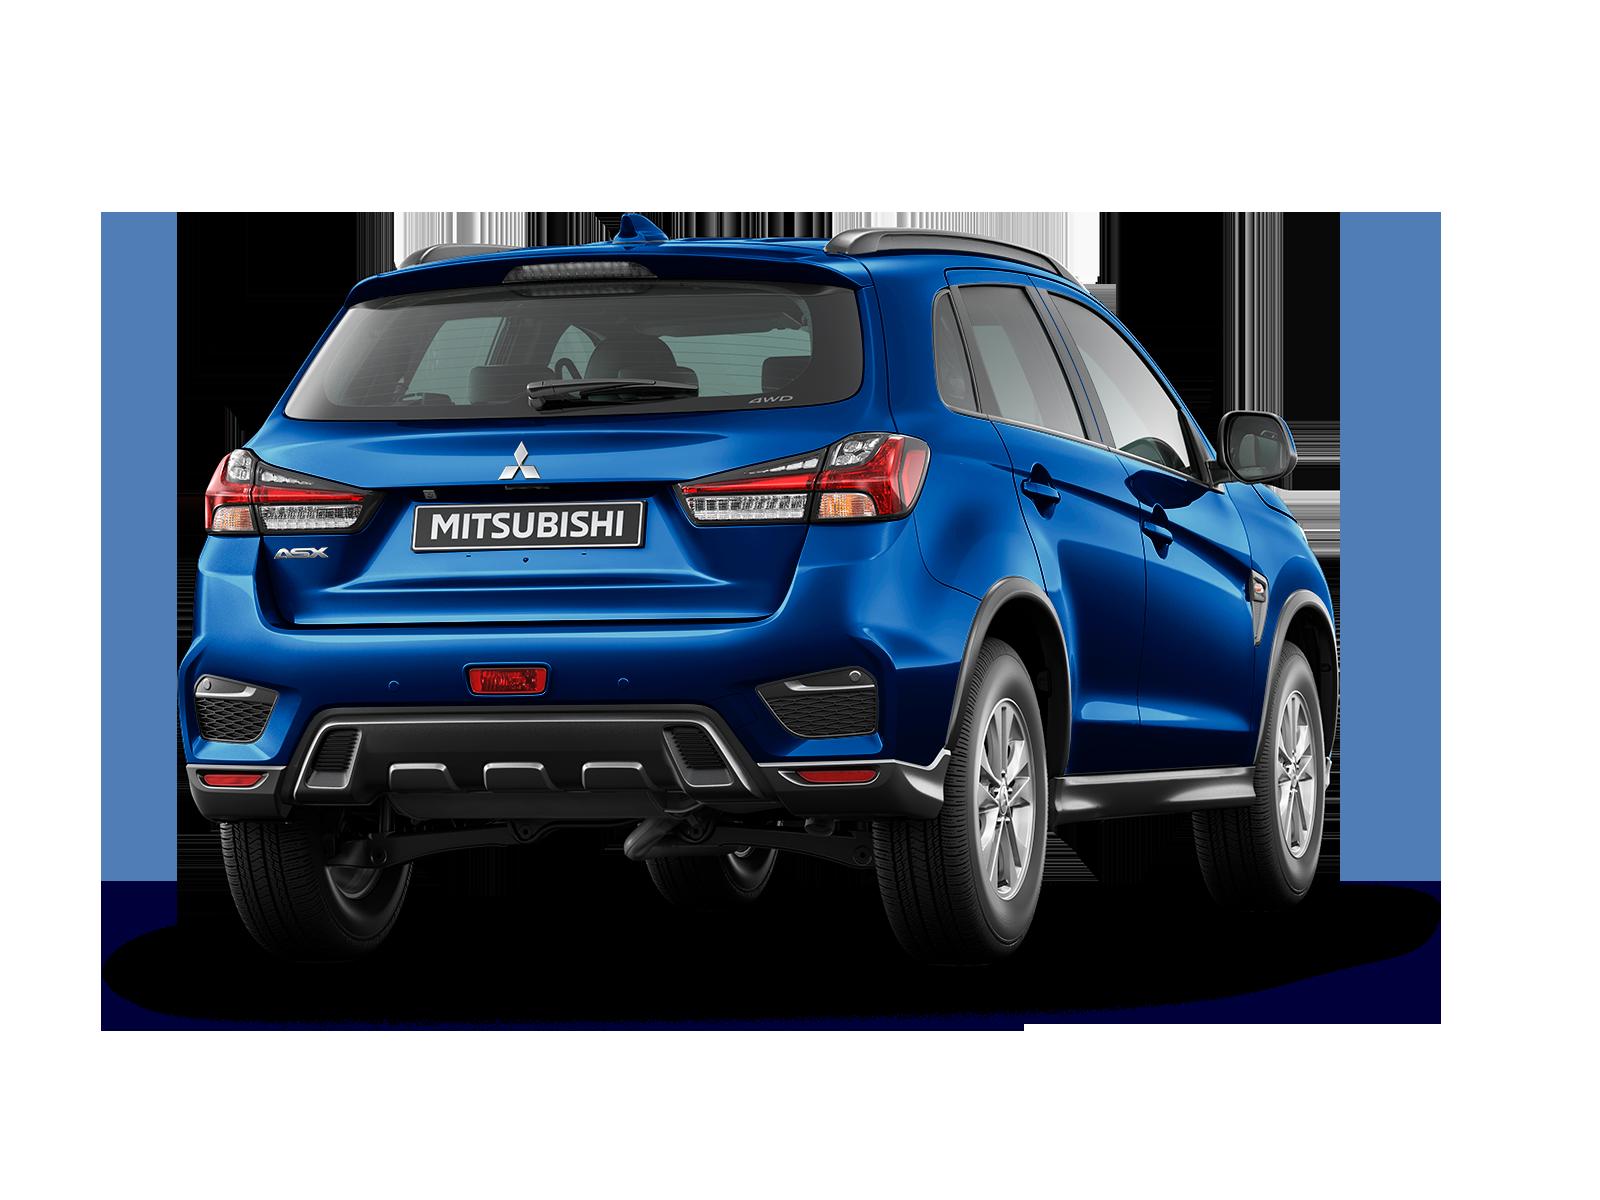 2020 Mitsubishi ASX 2WD - Stewart's Automotive Group